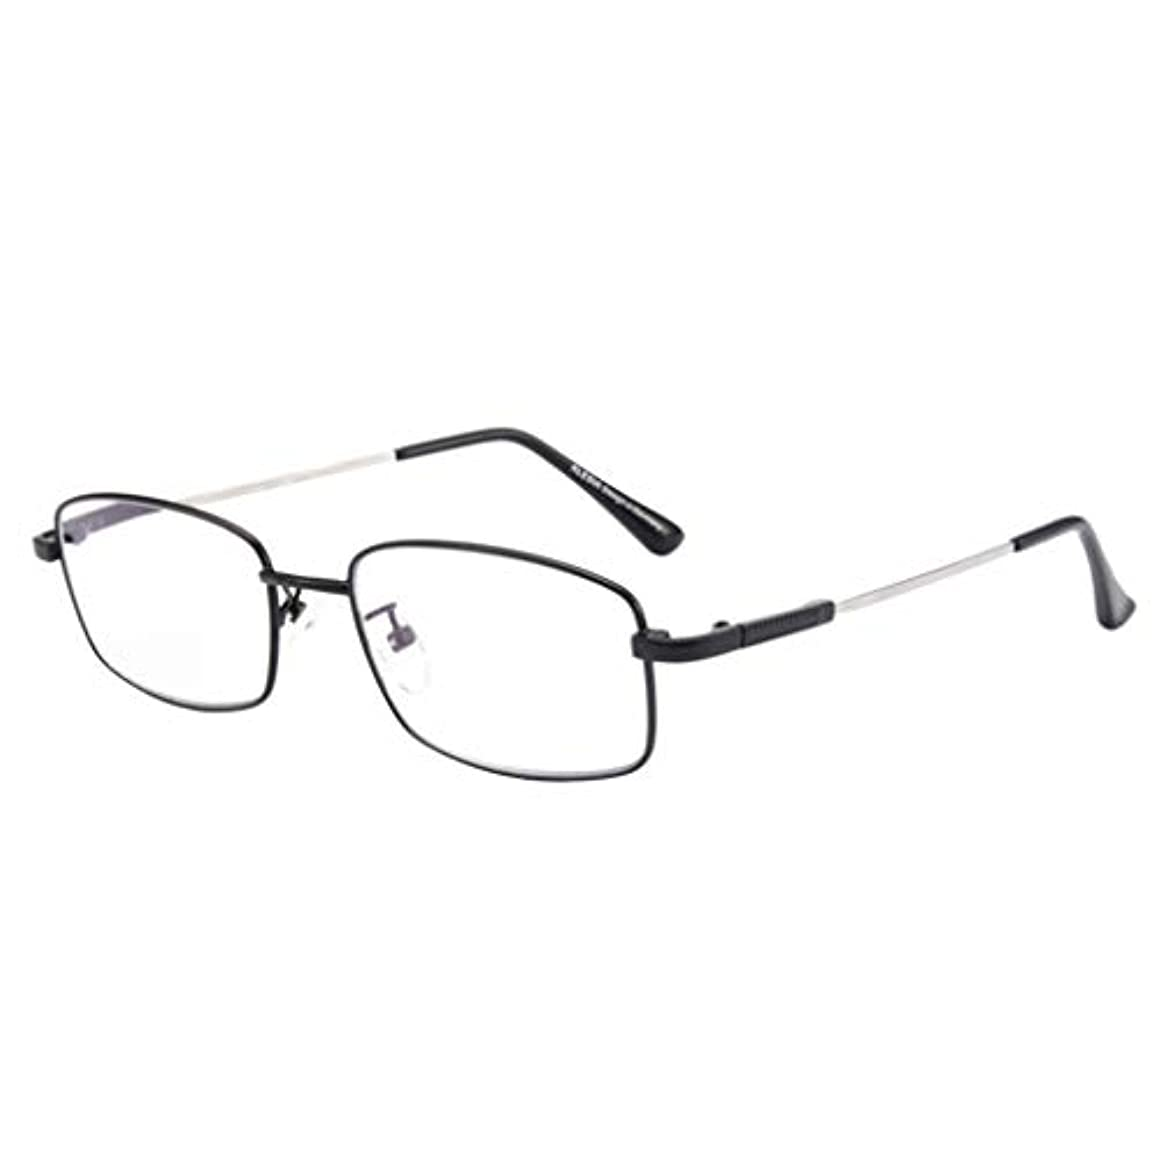 台無しにはがきロボットLCSHAN ブルーレイインテリジェント老眼鏡マルチフォーカス遠近両用HD自動ズーム (Color : Black, Size : 200 degrees)